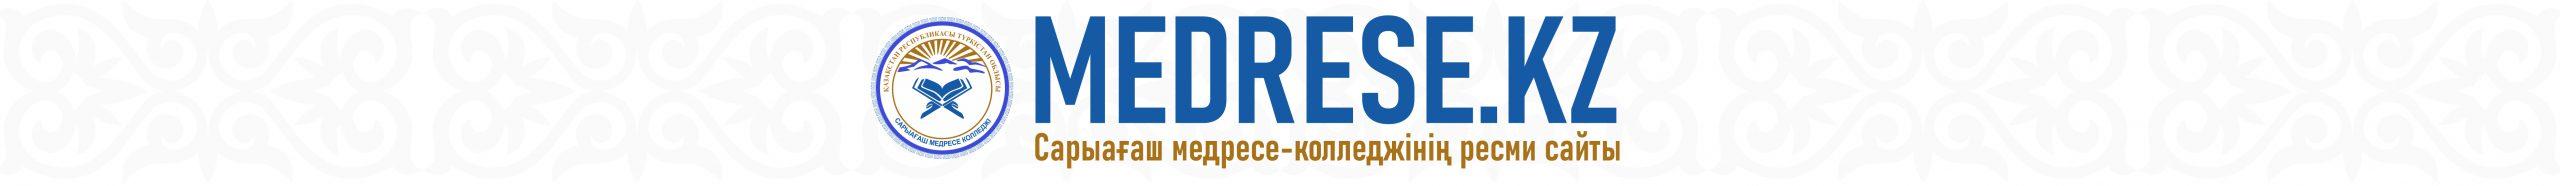 MEDRESE.KZ